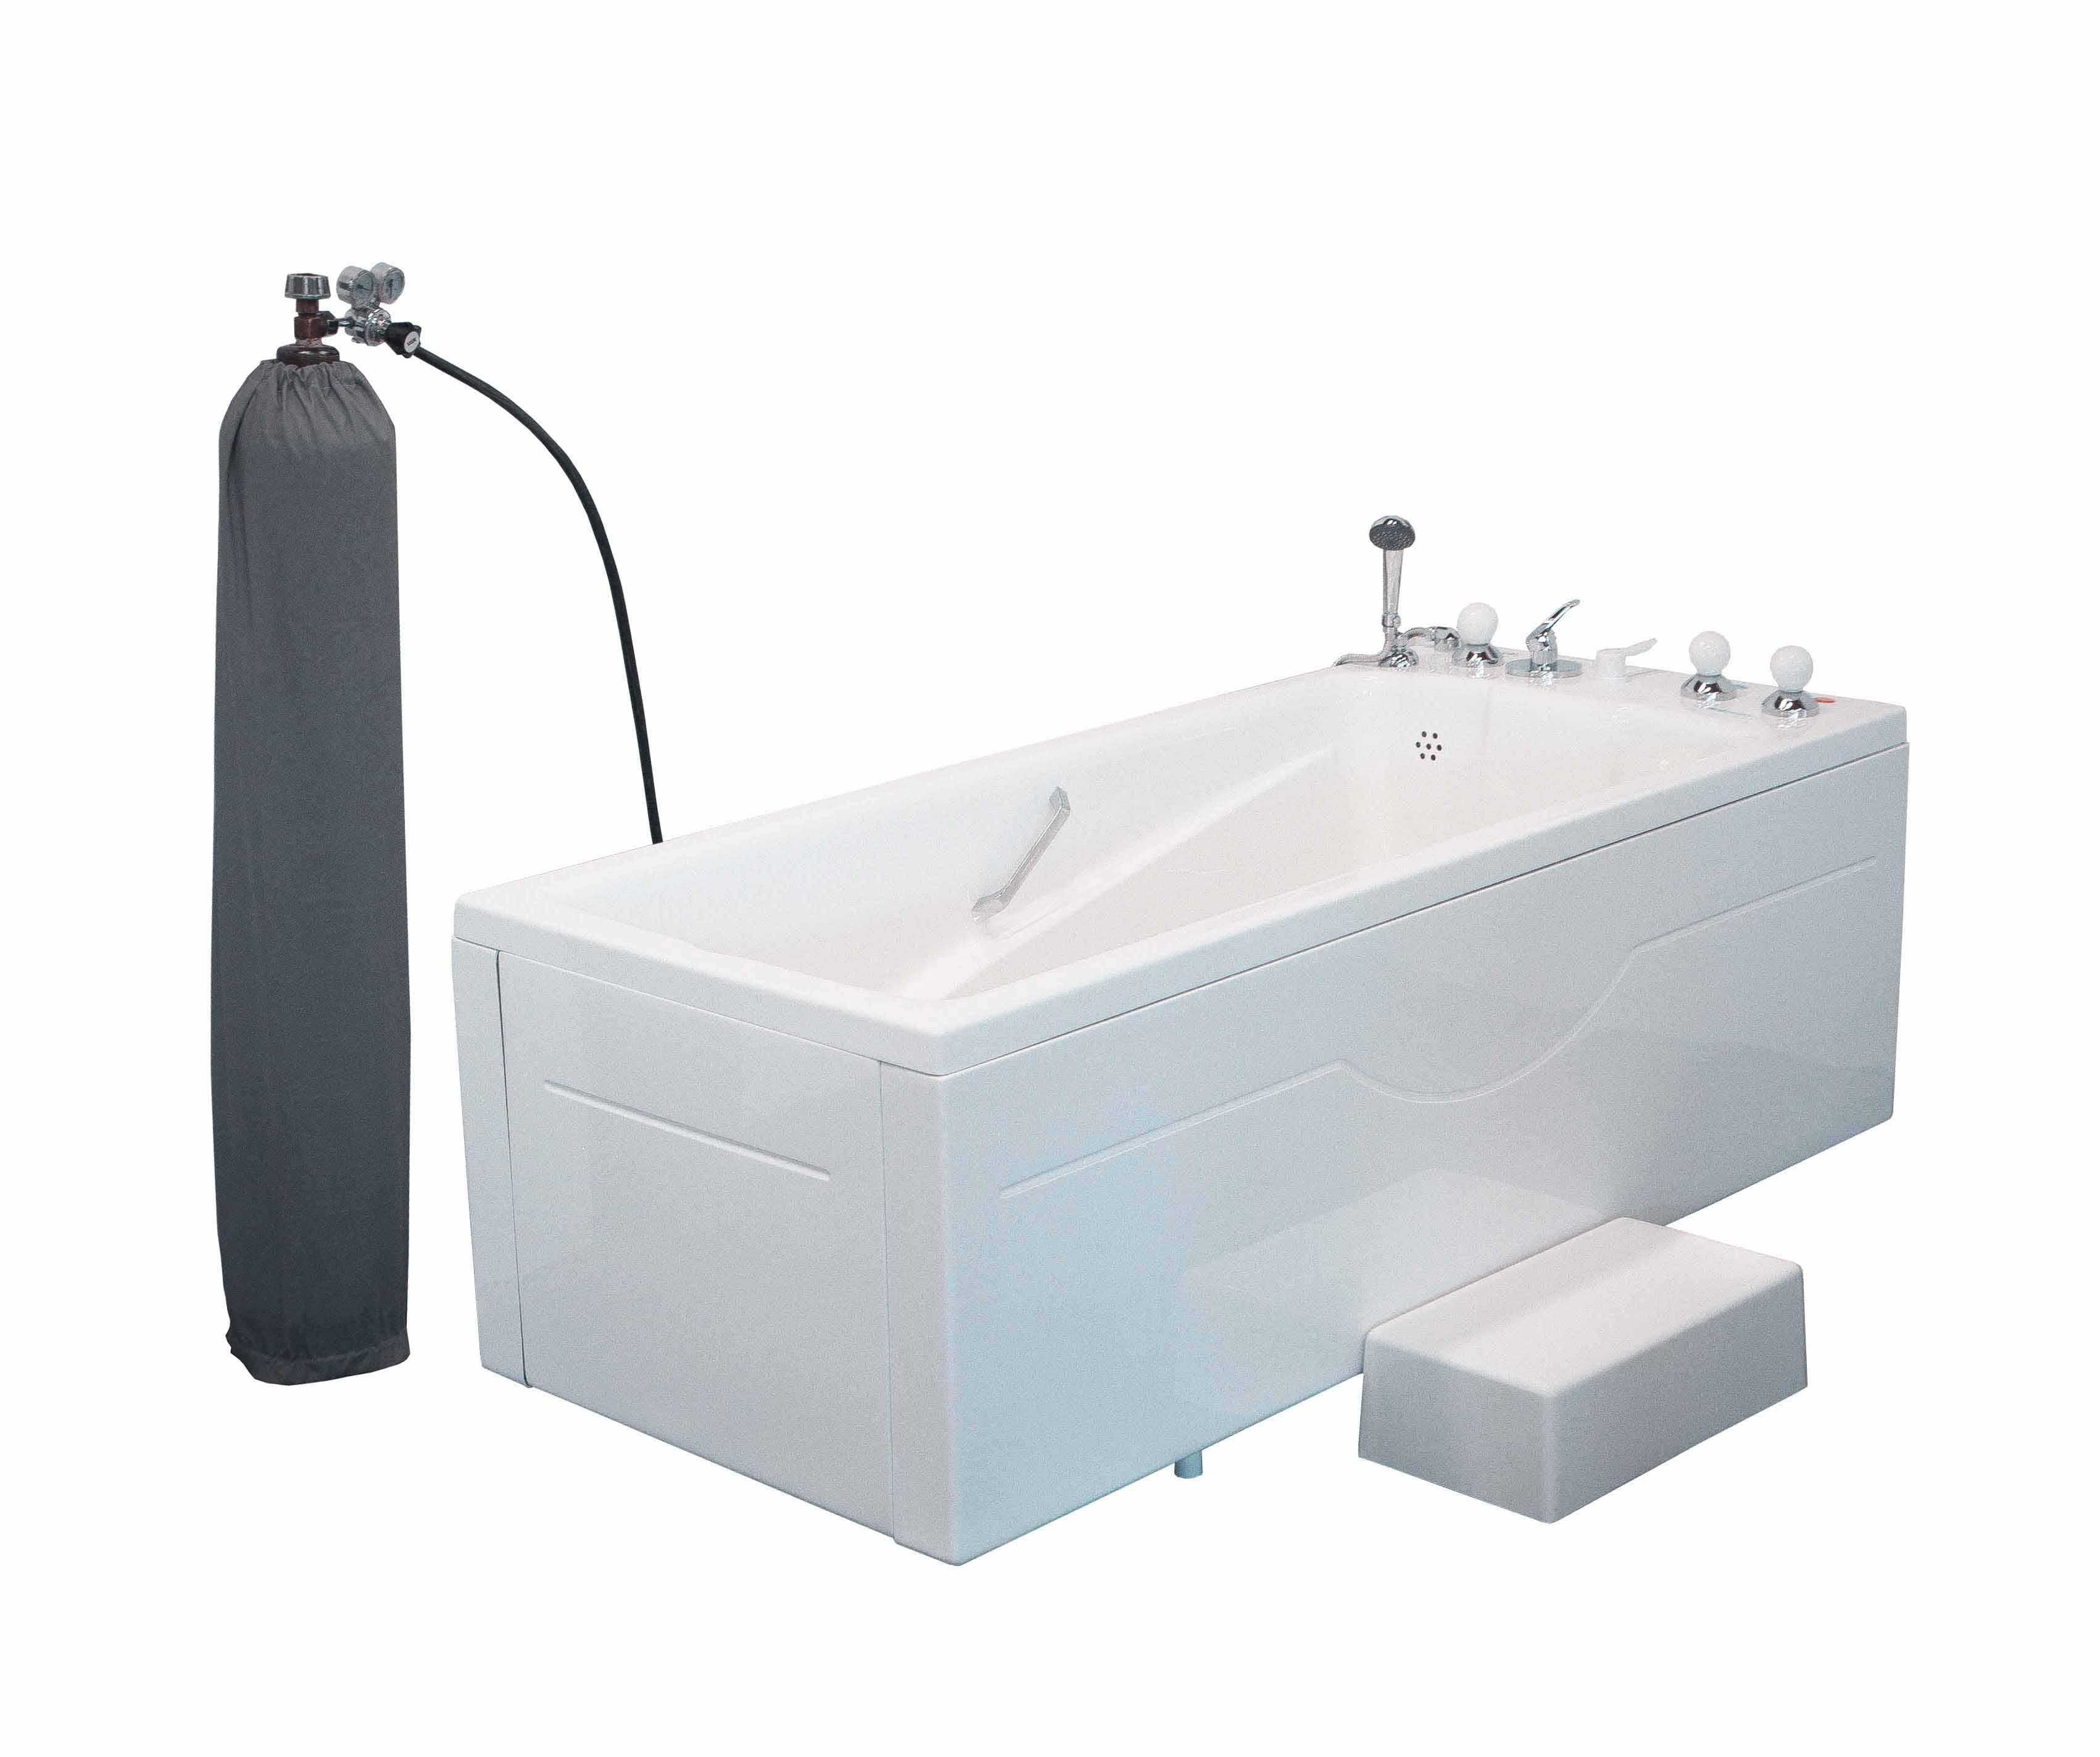 Водолечебная ванна «Оккервиль» со встроенным сатуратором